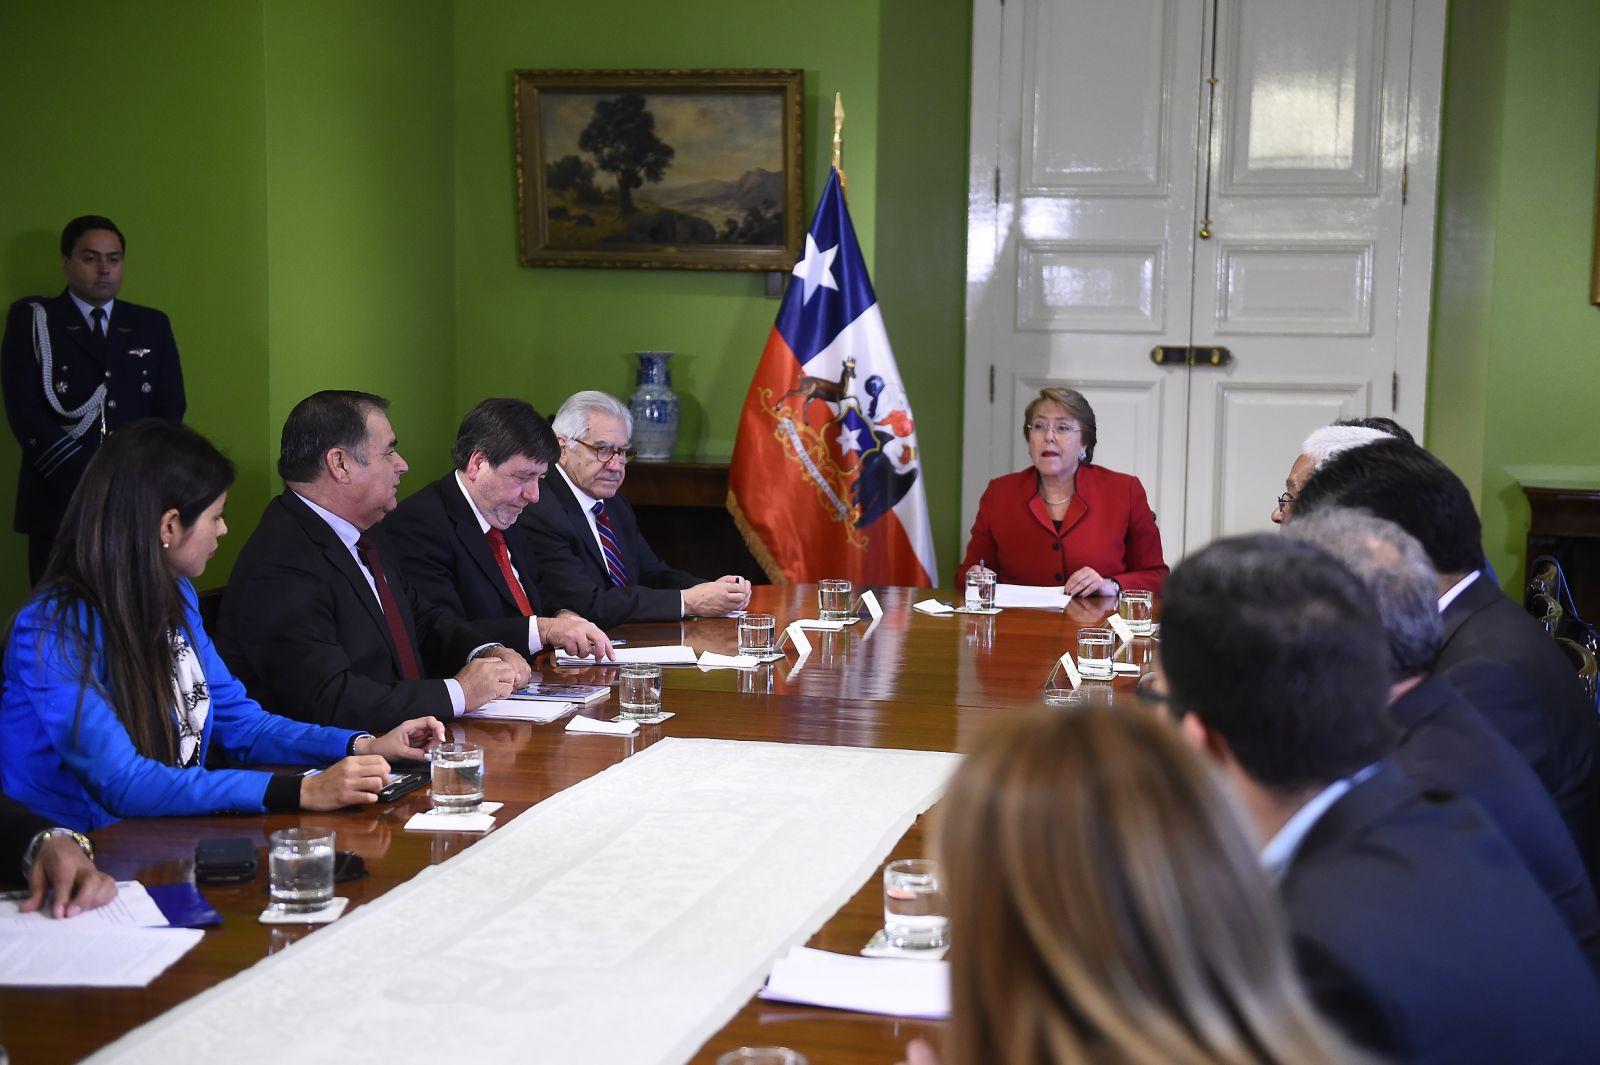 alcaldesa-rojo-tras-reunion-de-alcaldes-con-presidenta-bachelet-el-gobierno-se-comprometio-a-enviarnos-pronto-una-propuesta